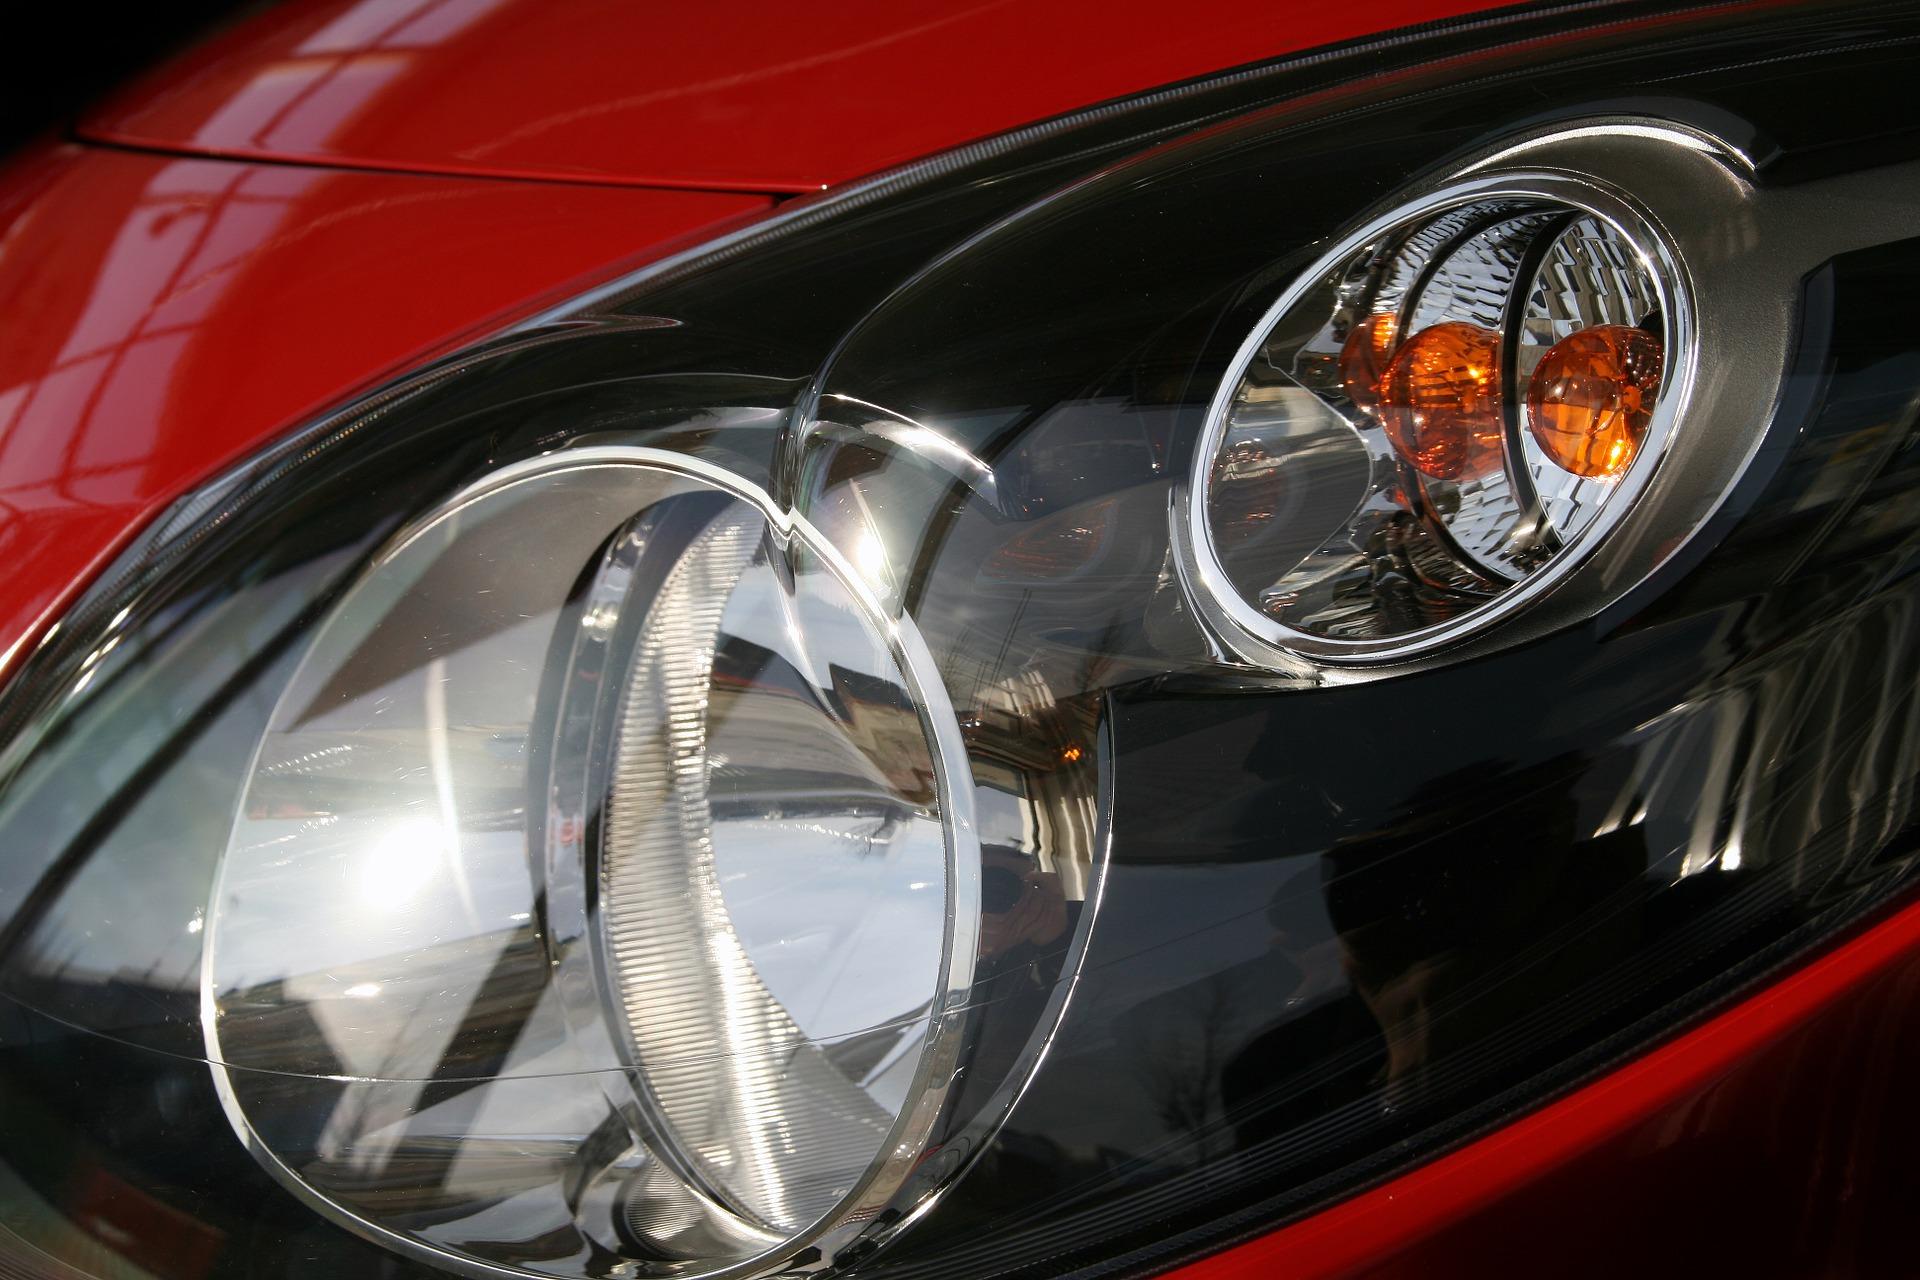 New Renault UK website already published!